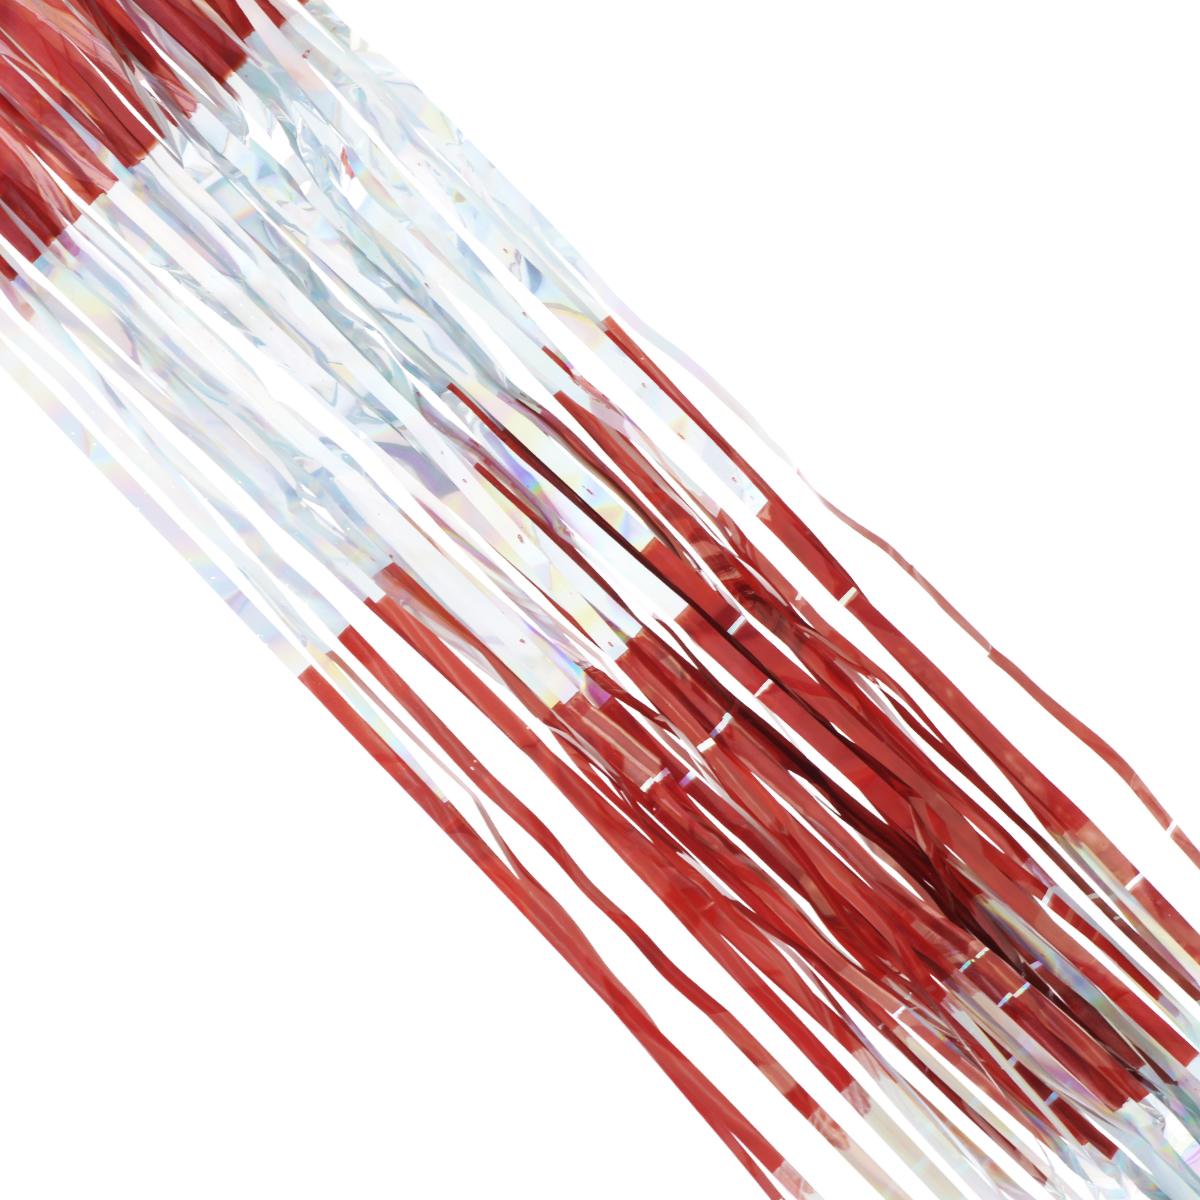 Дождик новогодний Sima-land, цвет: красный, серебристый, 14 см х 150 см. 702538702538_красныйНовогодний дождик Sima-land, изготовленный из двухцветной фольги, поможет вам украсить свой дом к предстоящим праздникам. Новогодняя елка с таким украшением станет еще наряднее. Новогодним дождиком можно украсить все, что угодно - елку, квартиру, дачу, офис - как внутри, так и снаружи. Можно сложить новогодние поздравления, буквы и цифры, дождиком можно украсить и дополнить гирлянды, можно выделить дверные колонны, оплести дверные проемы. Коллекция декоративных украшений из серии Зимнее волшебство принесет в ваш дом ни с чем не сравнимое ощущение праздника! Создайте в своем доме атмосферу тепла, веселья и радости, украшая его всей семьей. Ширина: 14 см.